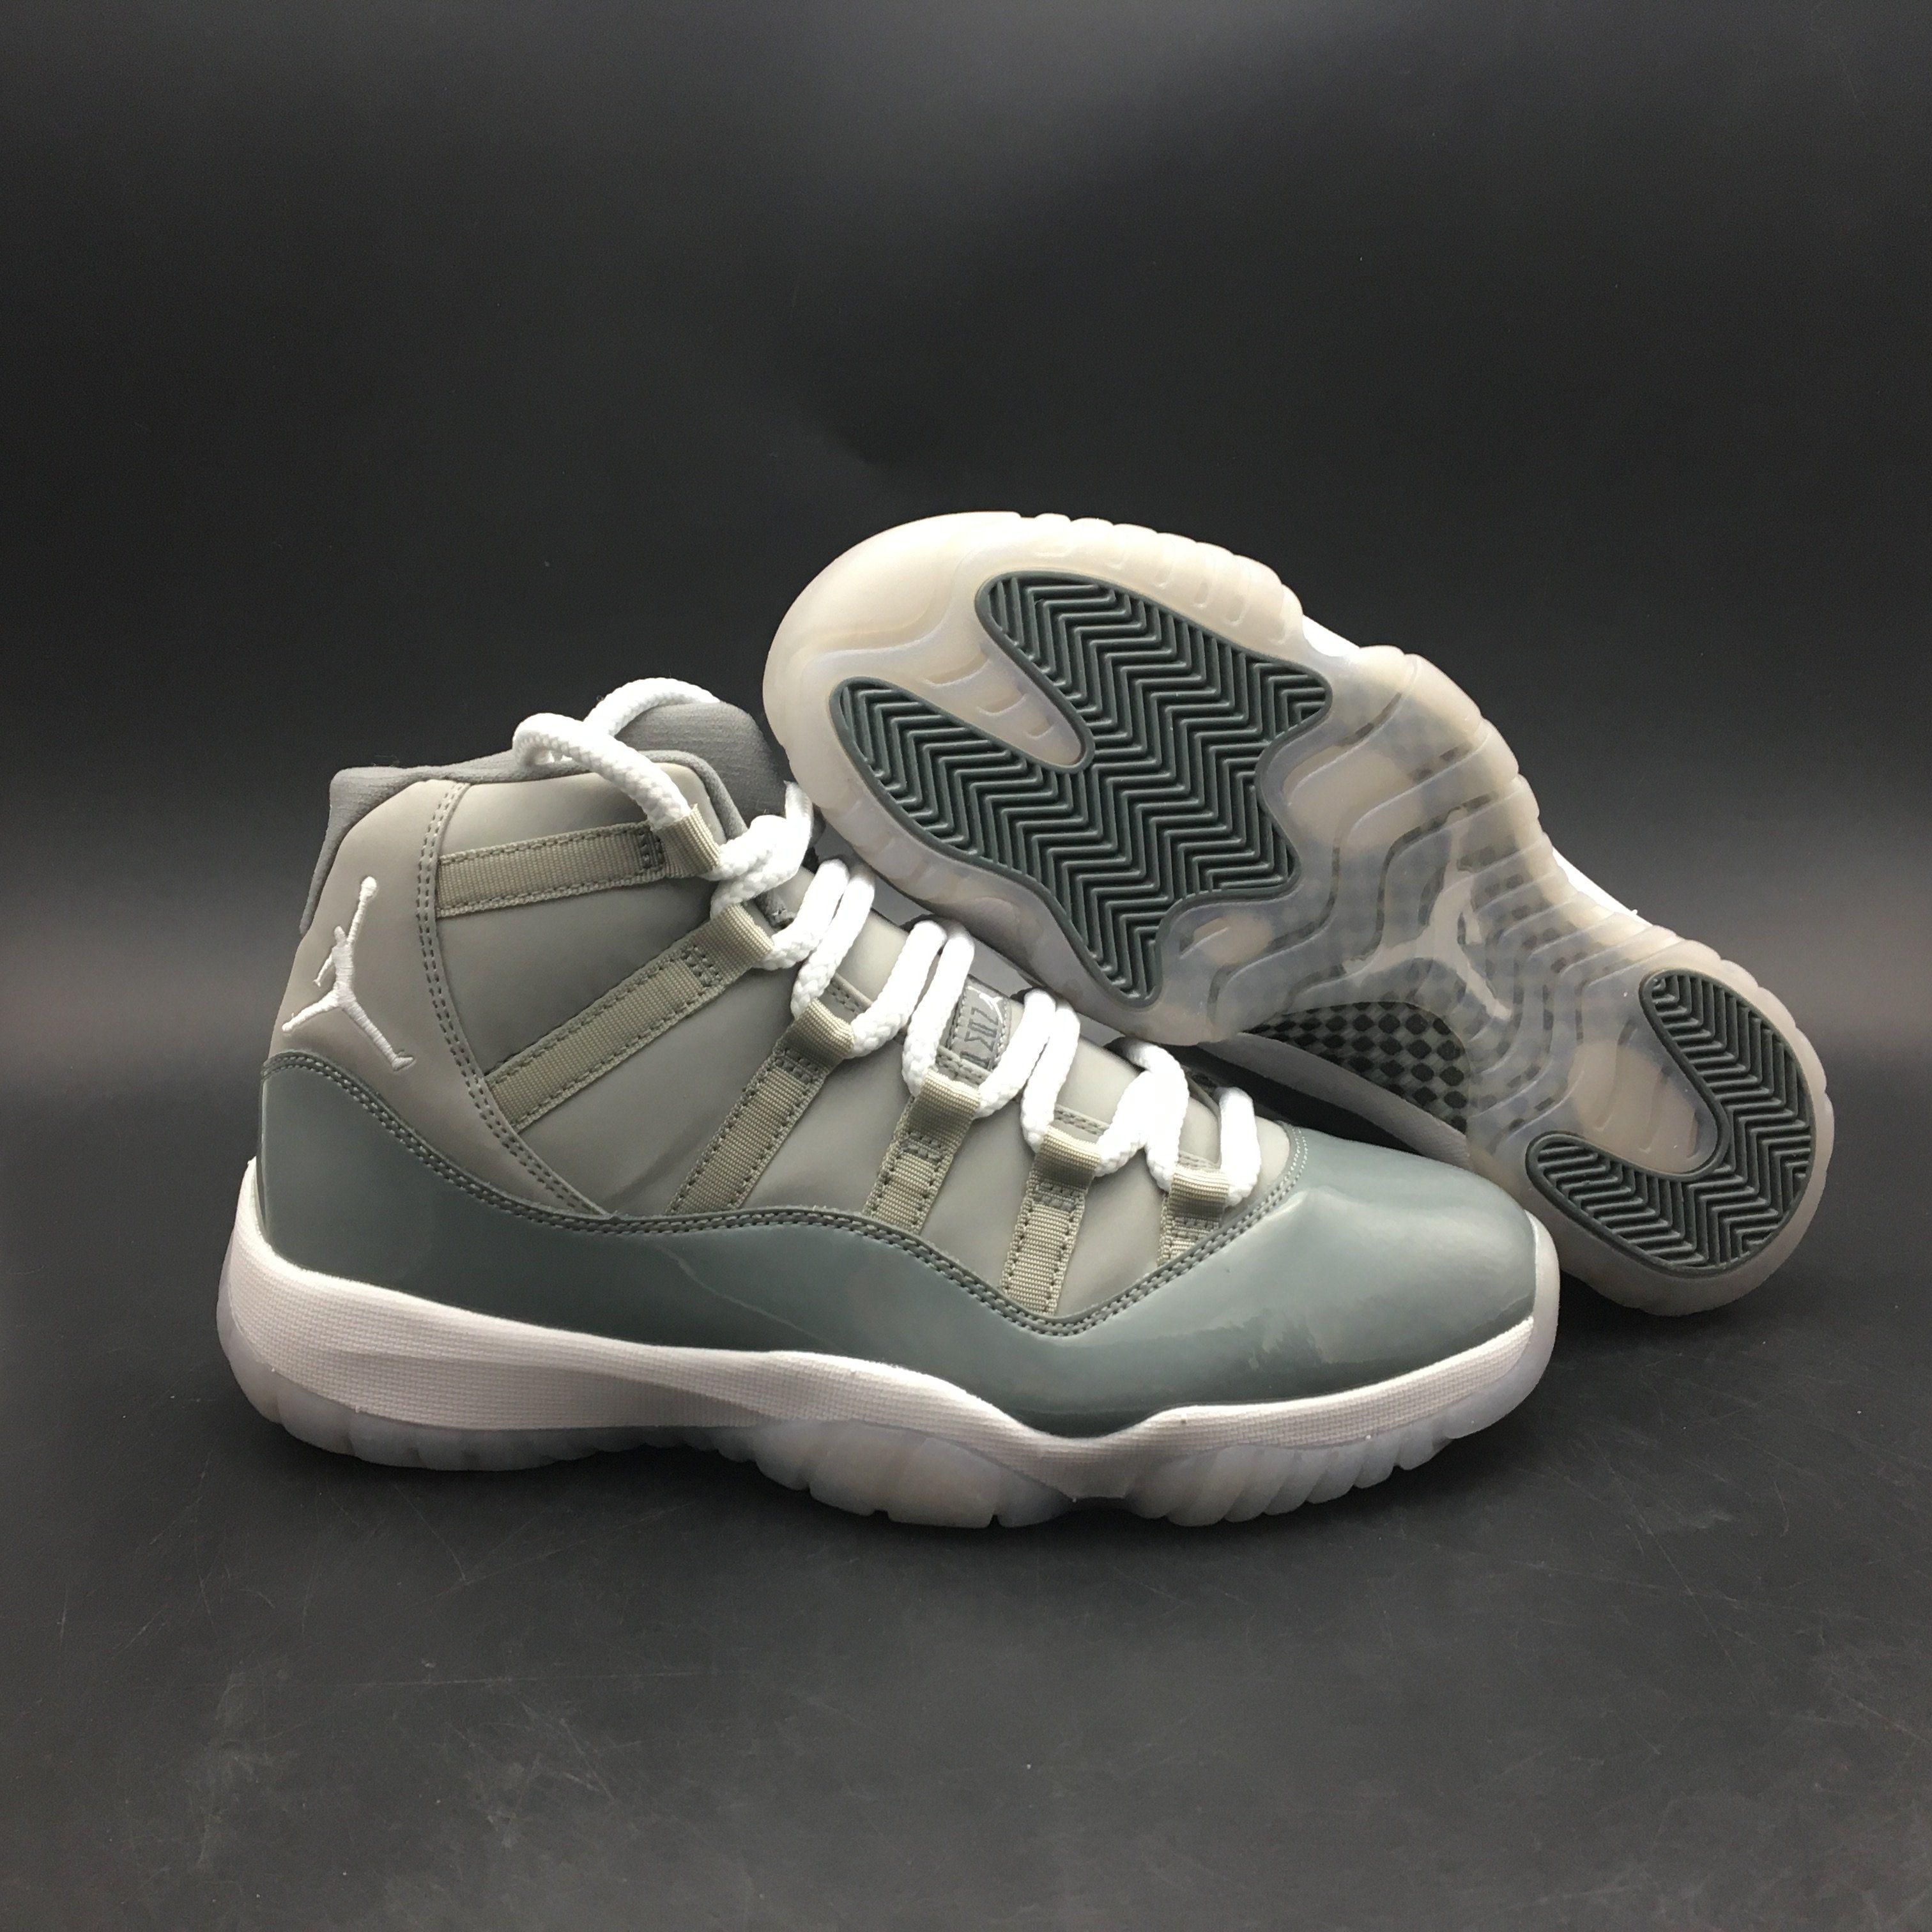 301b7b693f90 Jordan Retro 11 Cool Grey  378037-001 in 2018